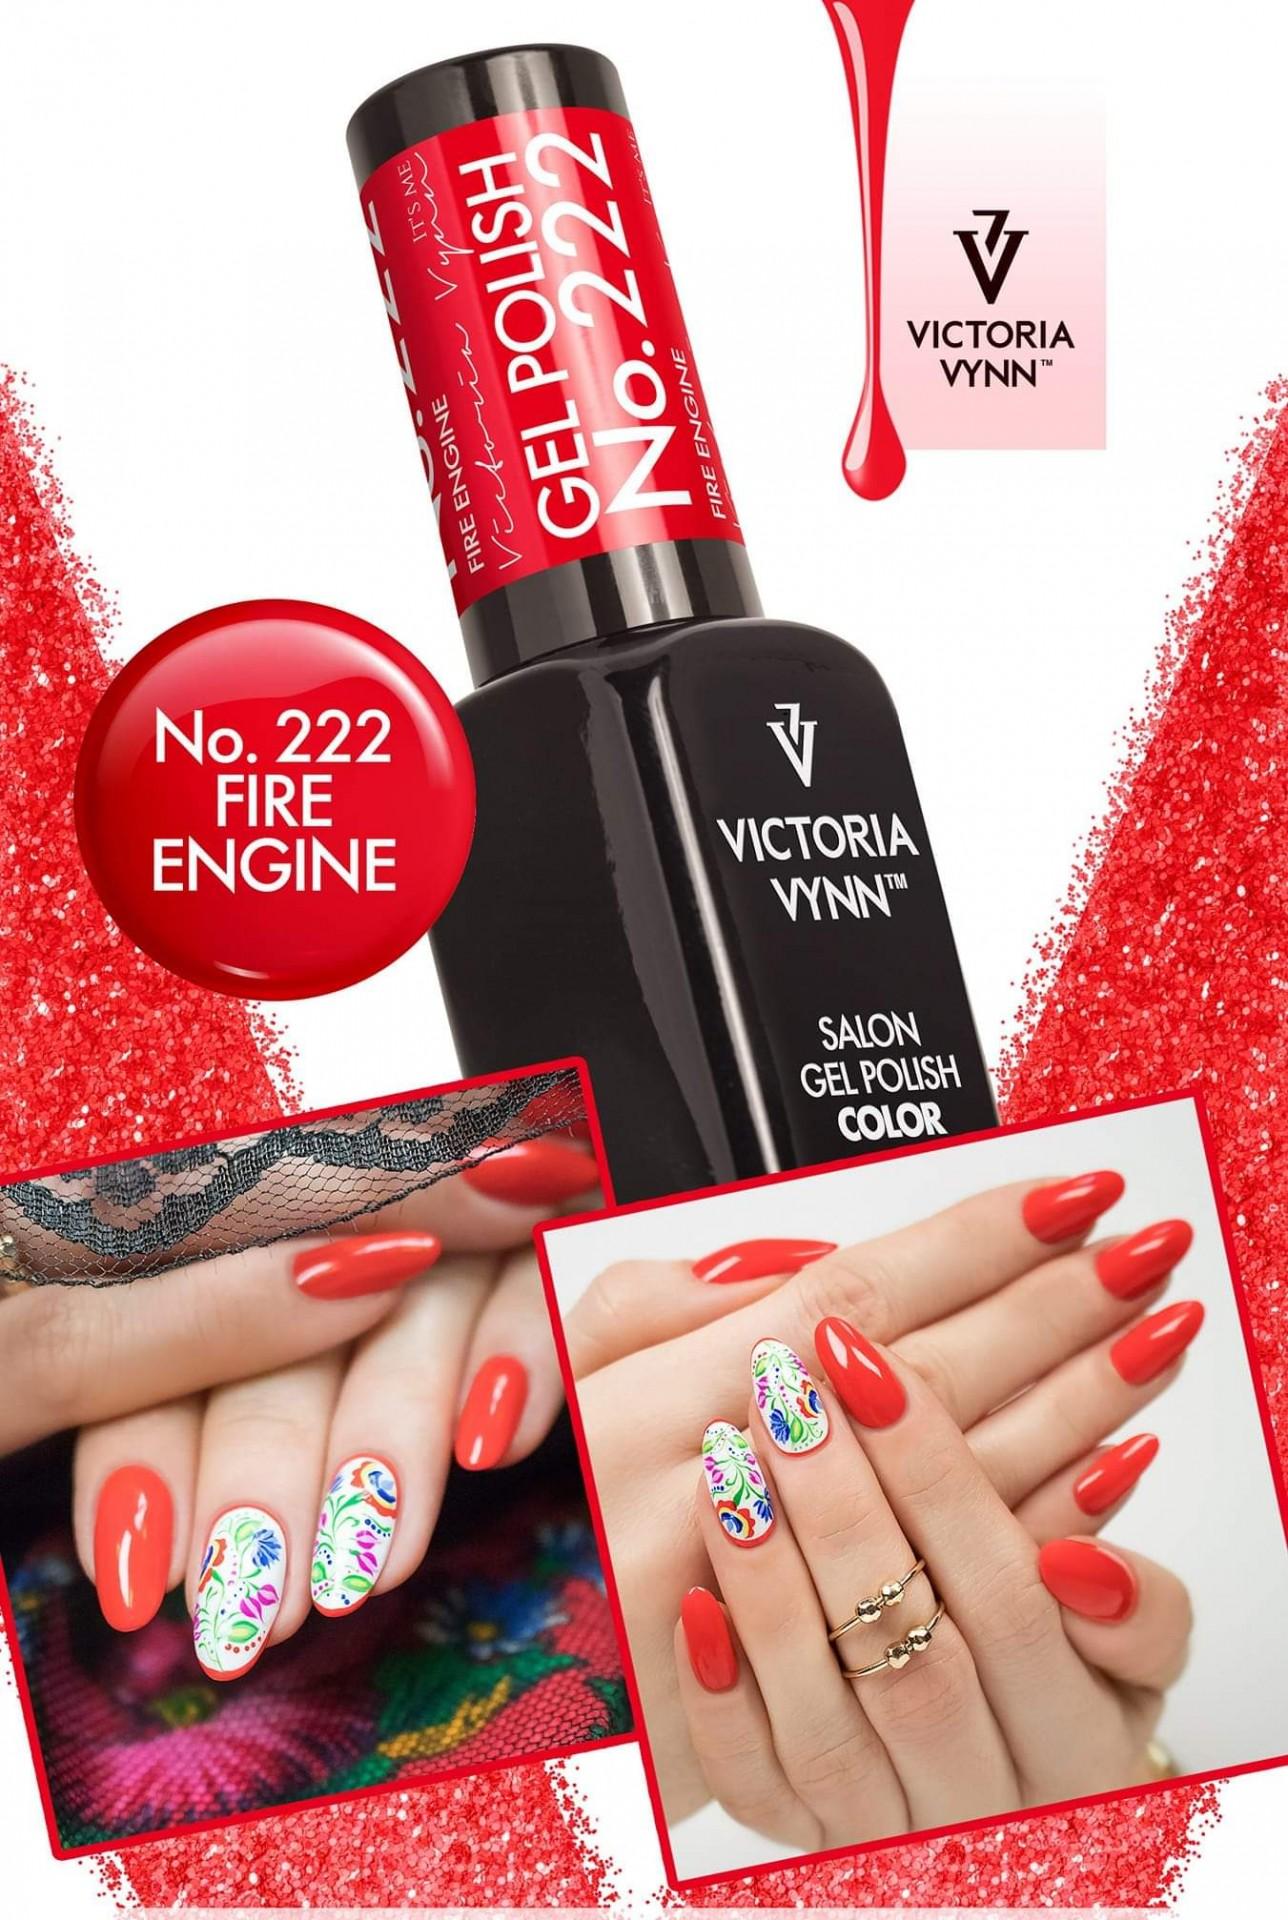 Victoria Vynn Polish Gel 222